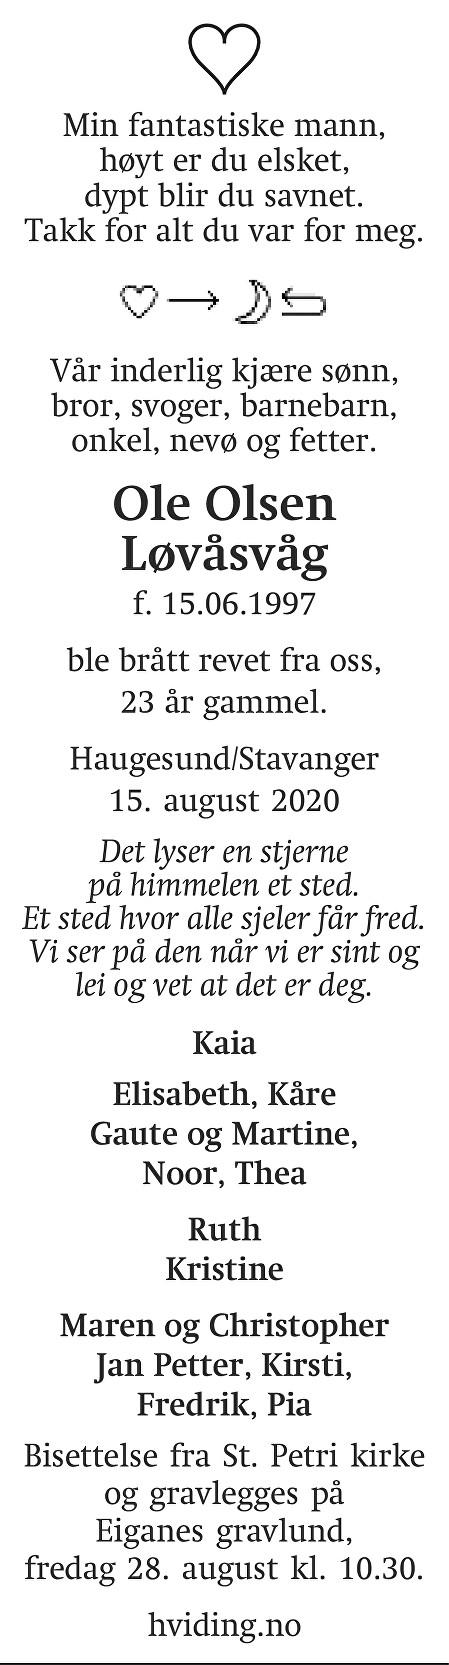 Ole Olsen Løvåsvåg Dødsannonse